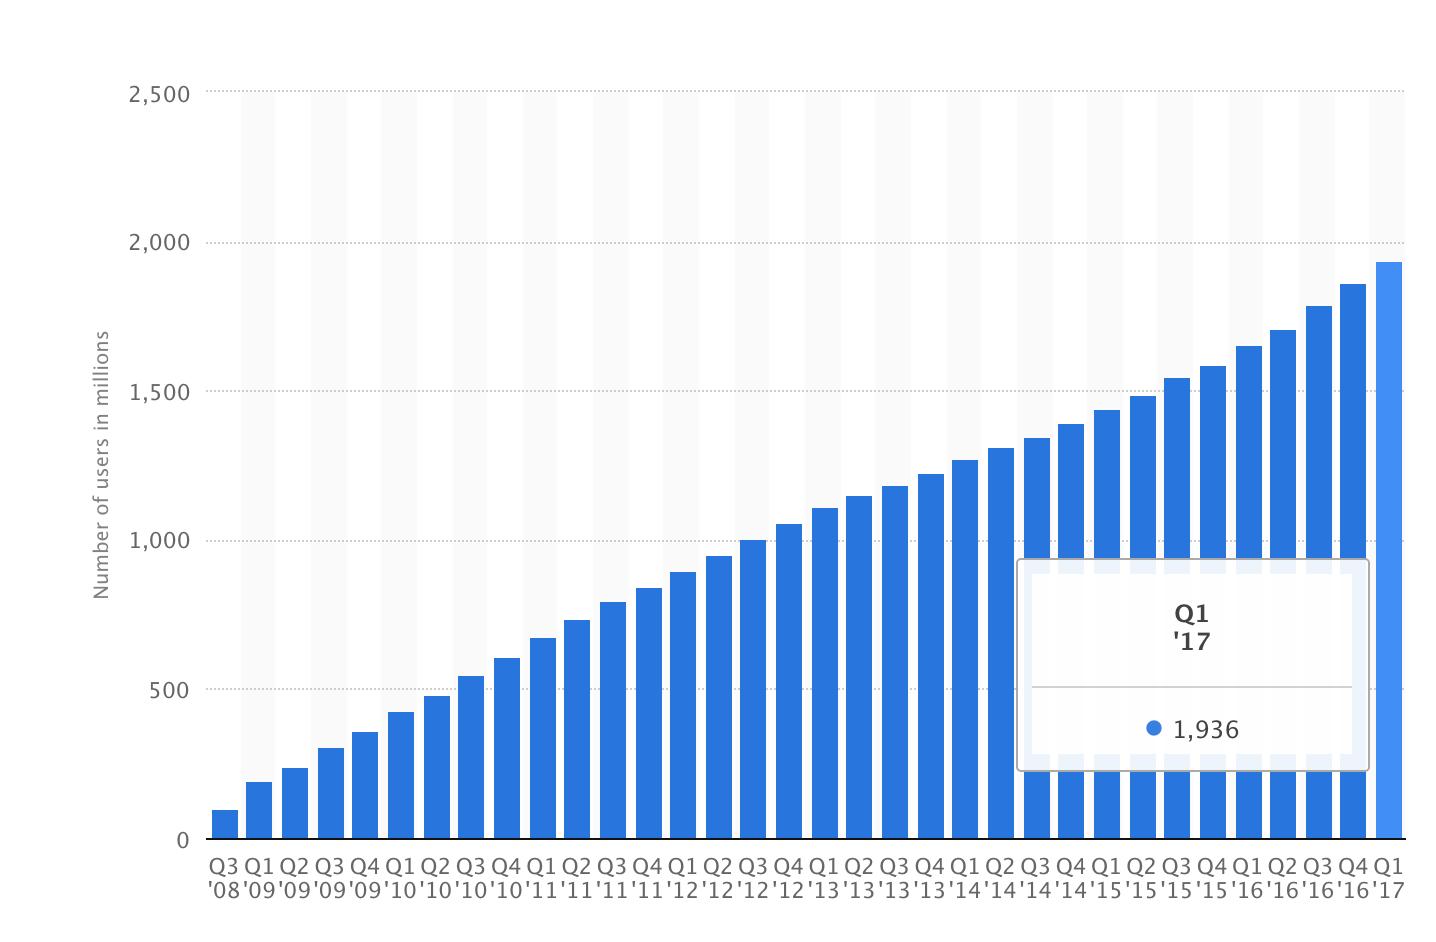 Facebook MAU growth